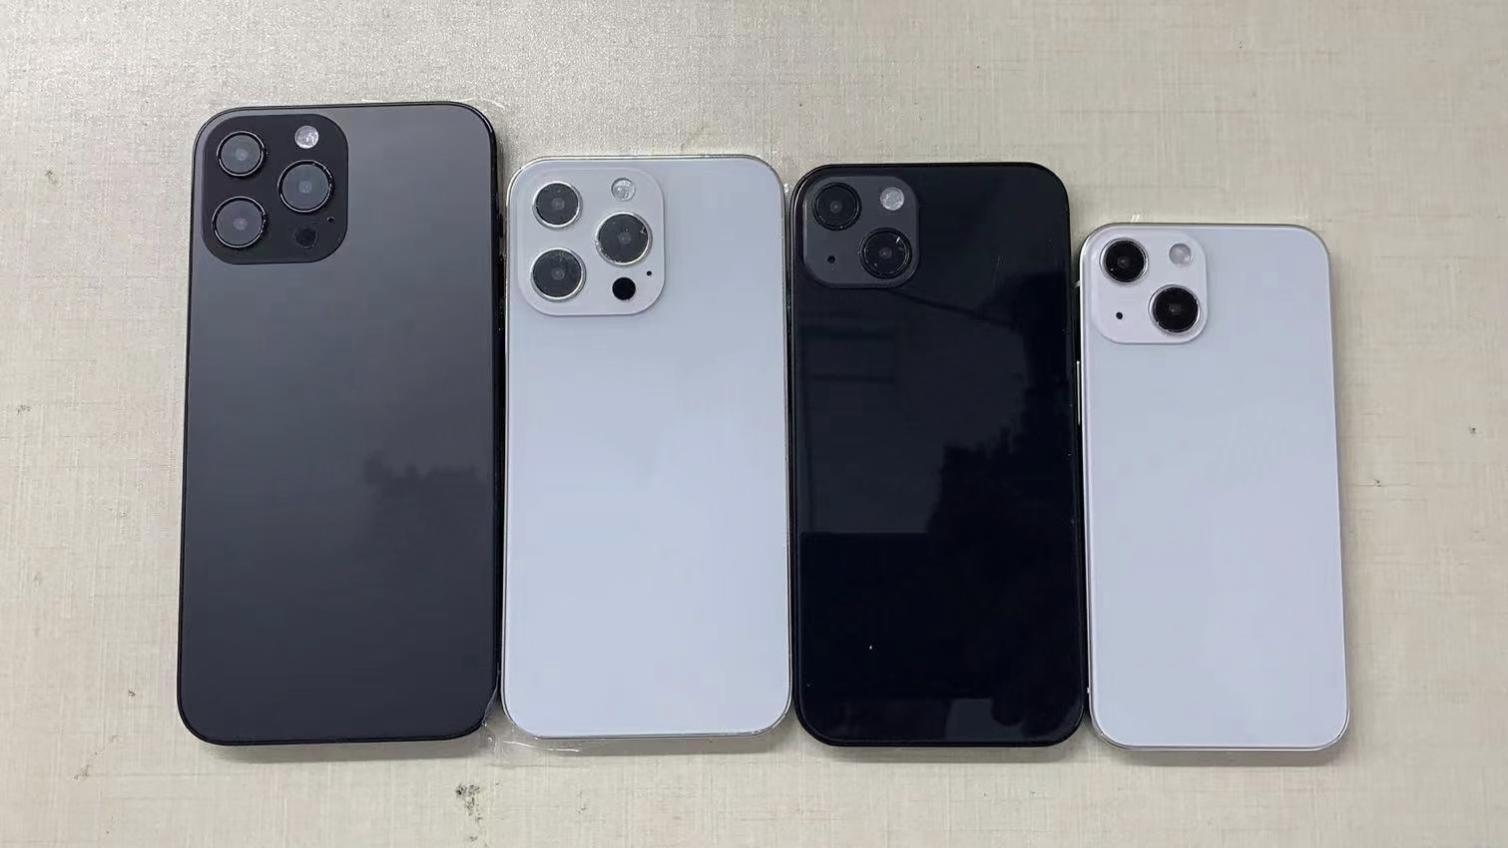 Per iPhone 13 13mini 13Pro 13Pro Max Falso Mold Dummy per iPhone 13 Dummy Telefono cellulare Machine Solo per la visualizzazione non funzionante